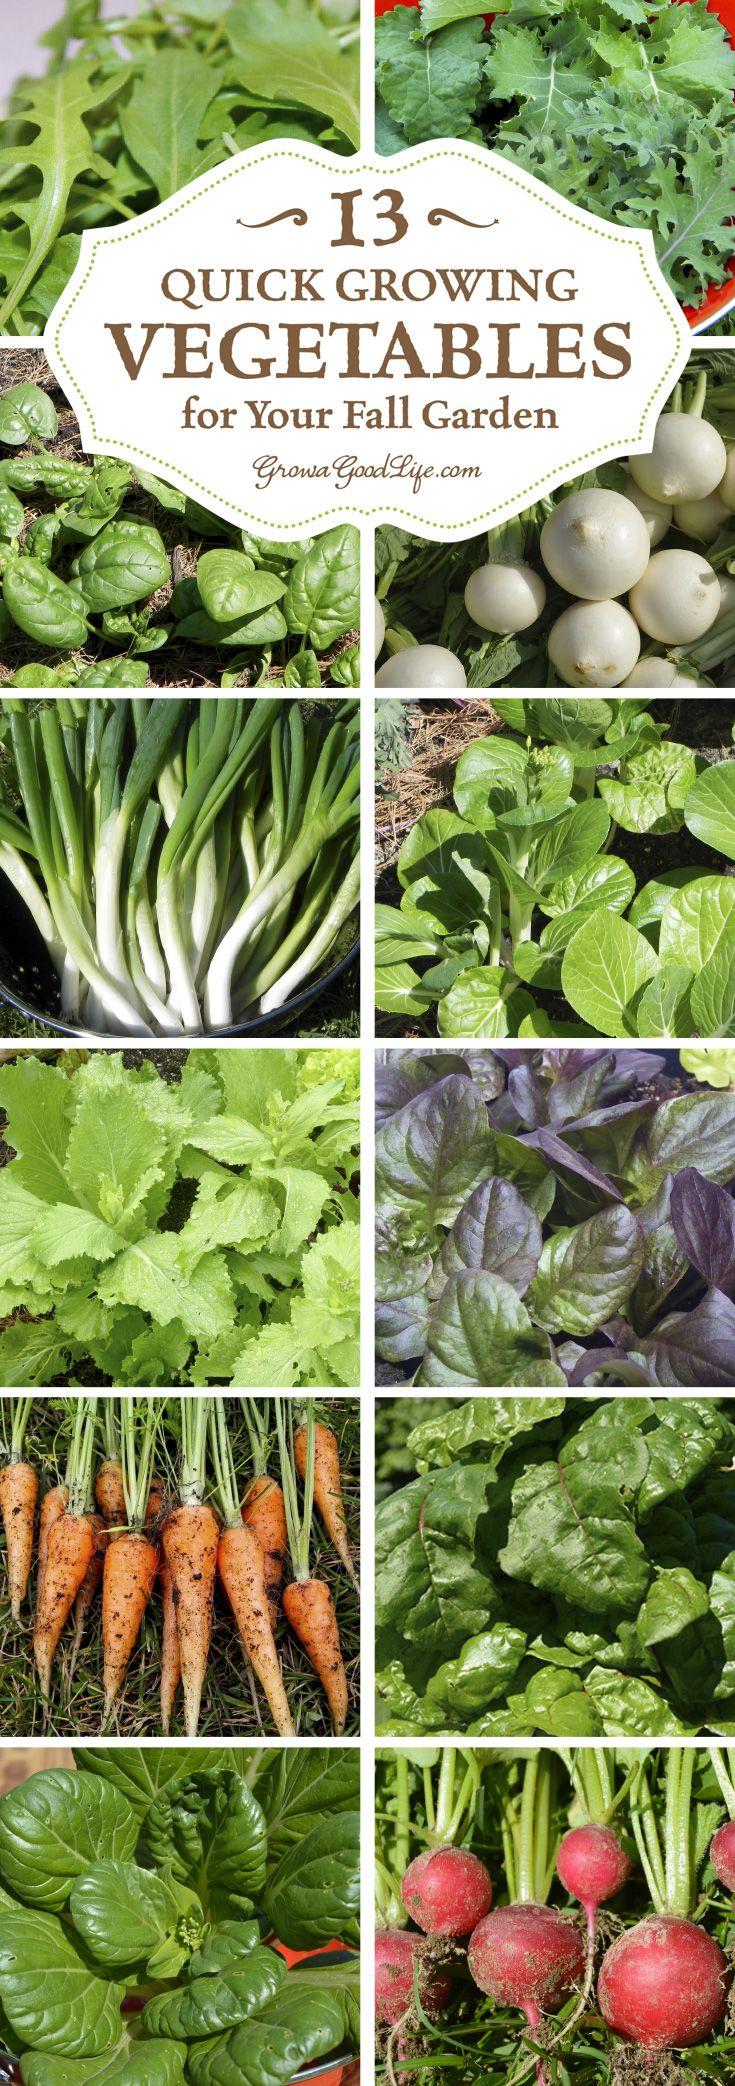 블랙잭카지노☞ ☜카지노게임카지노게임사이트Growing fall vegetables in colder climates can be a gamble, 블랙잭카지노☞ ☜카지노게임카지노게임사이트but these crops mature quickly so you can grow more food in your fall garden.블랙잭카지노☞ ☜카지노게임카지노게임사이트